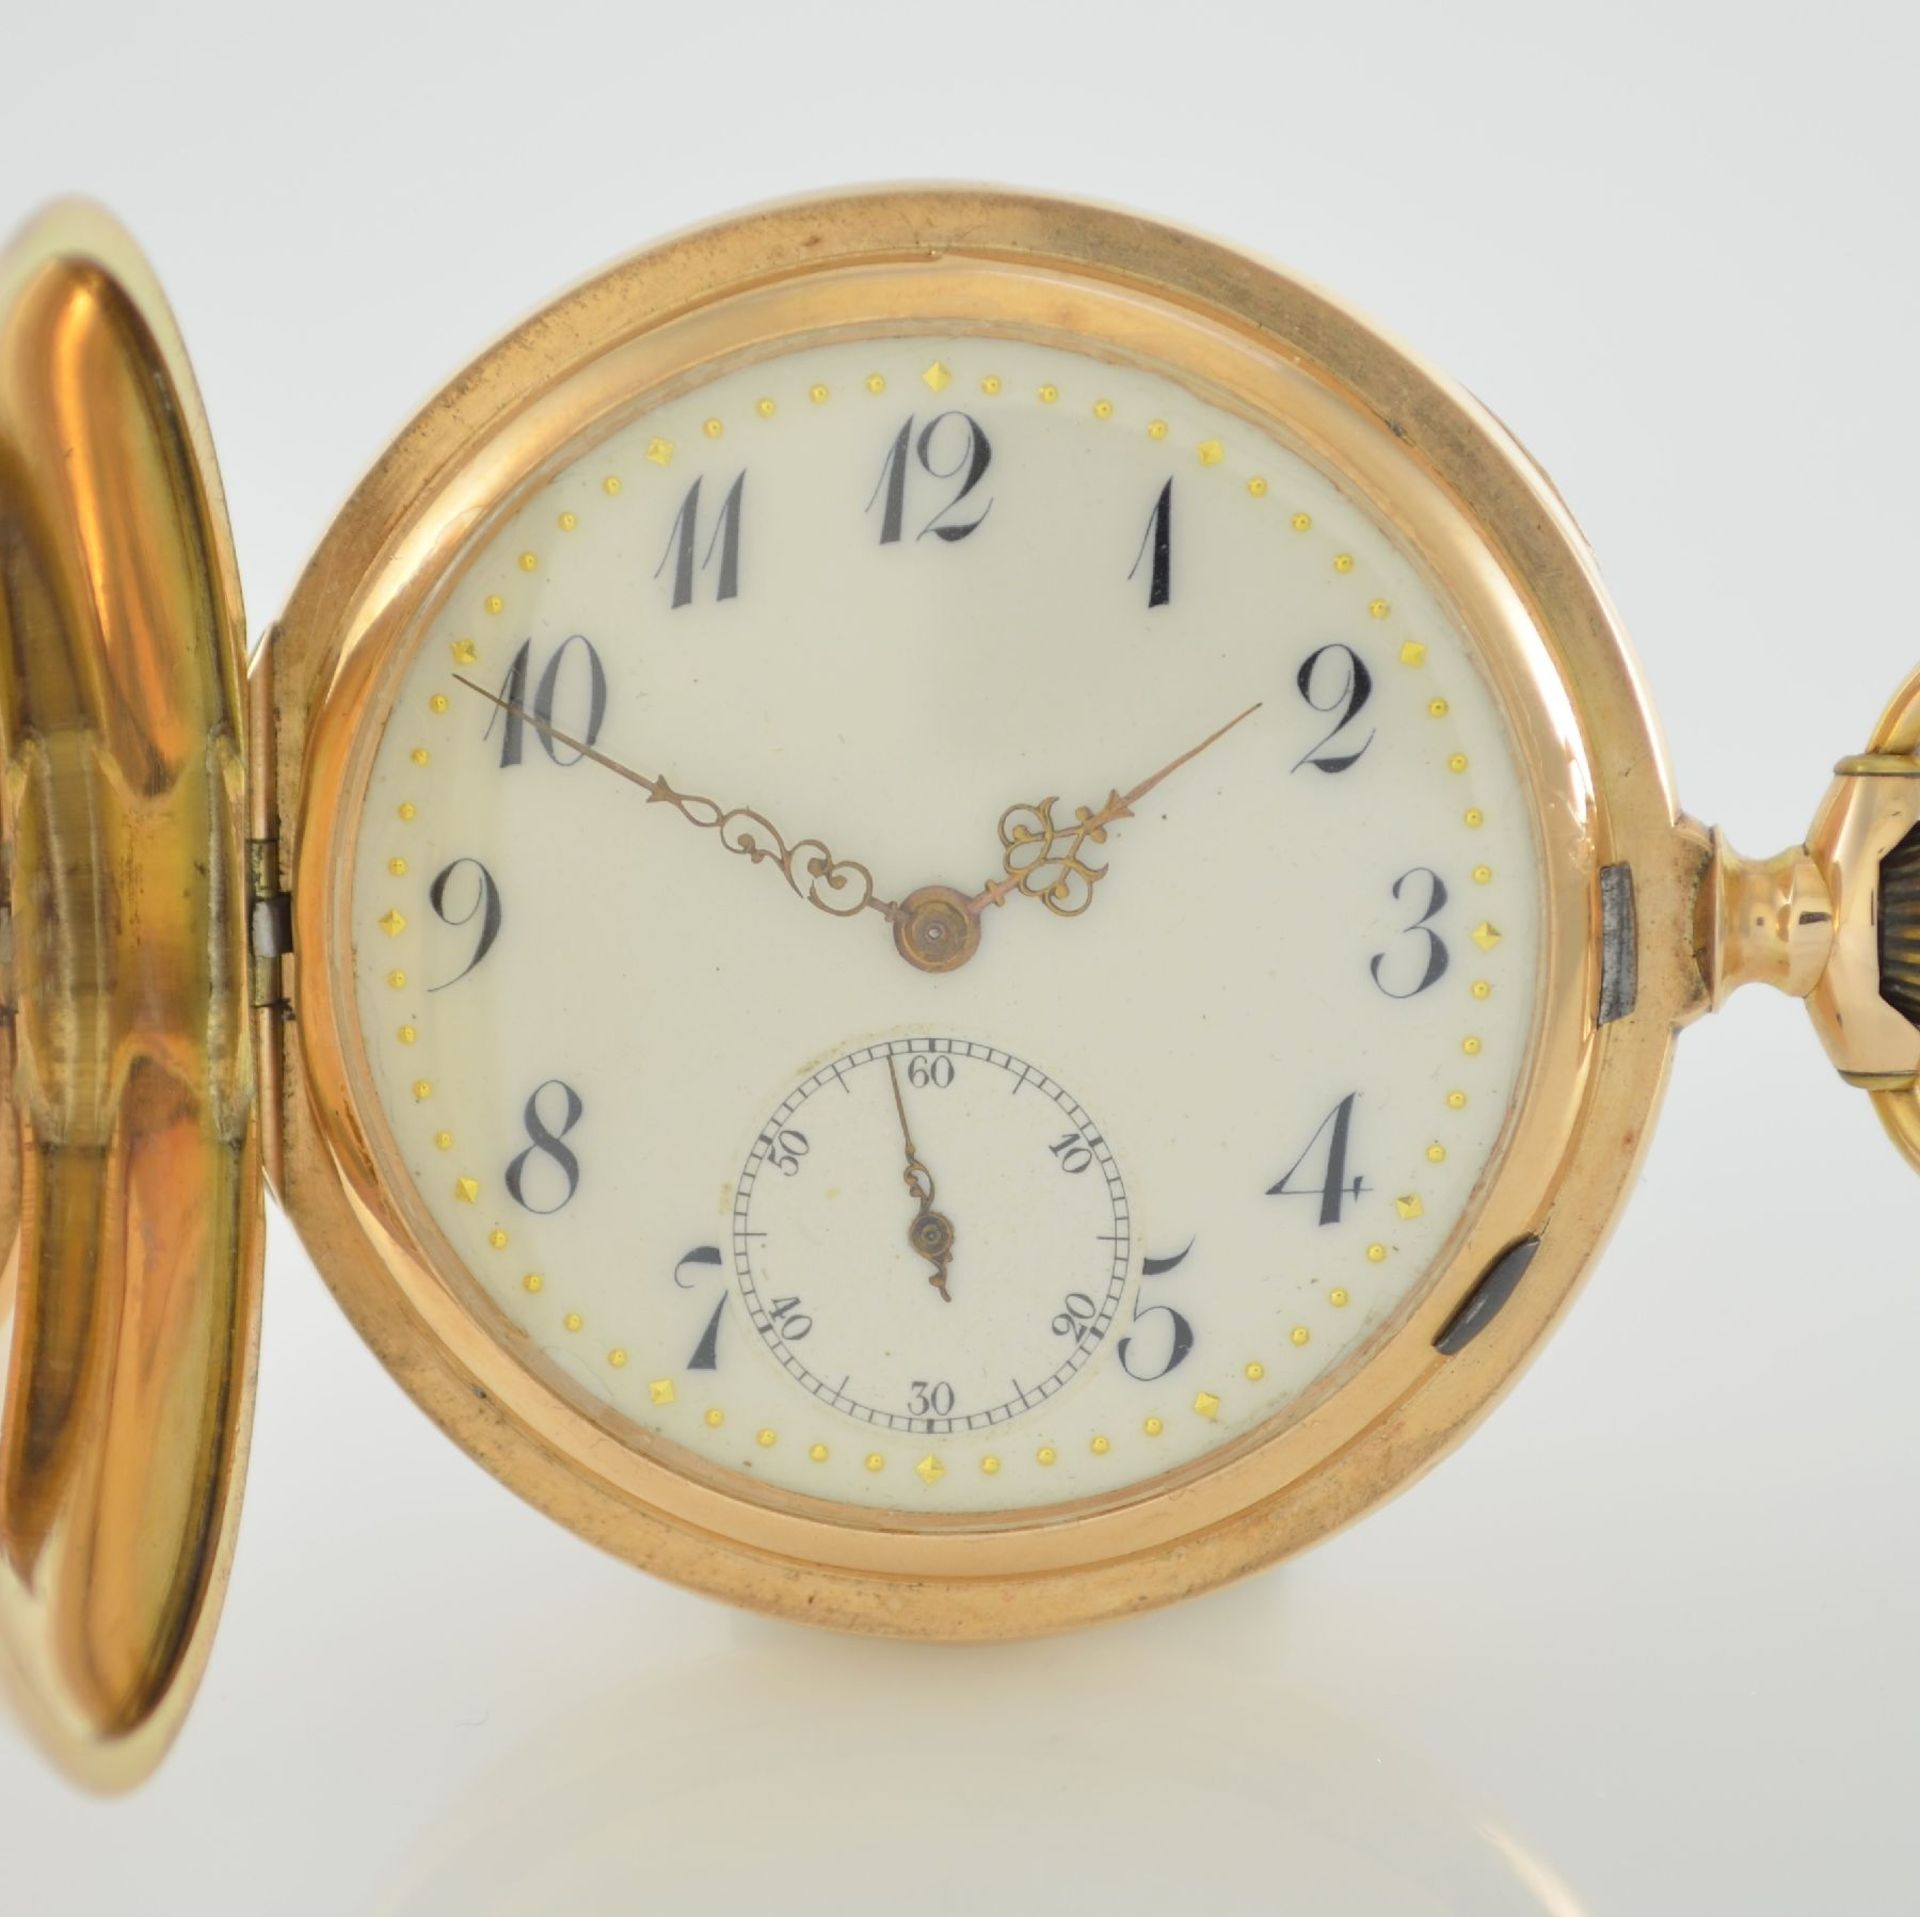 Herrensavonette in RG 585/000, Schweiz um 1900, guill. 3-Deckel-Goldgeh. dell. m. à- goutte- - Bild 2 aus 7